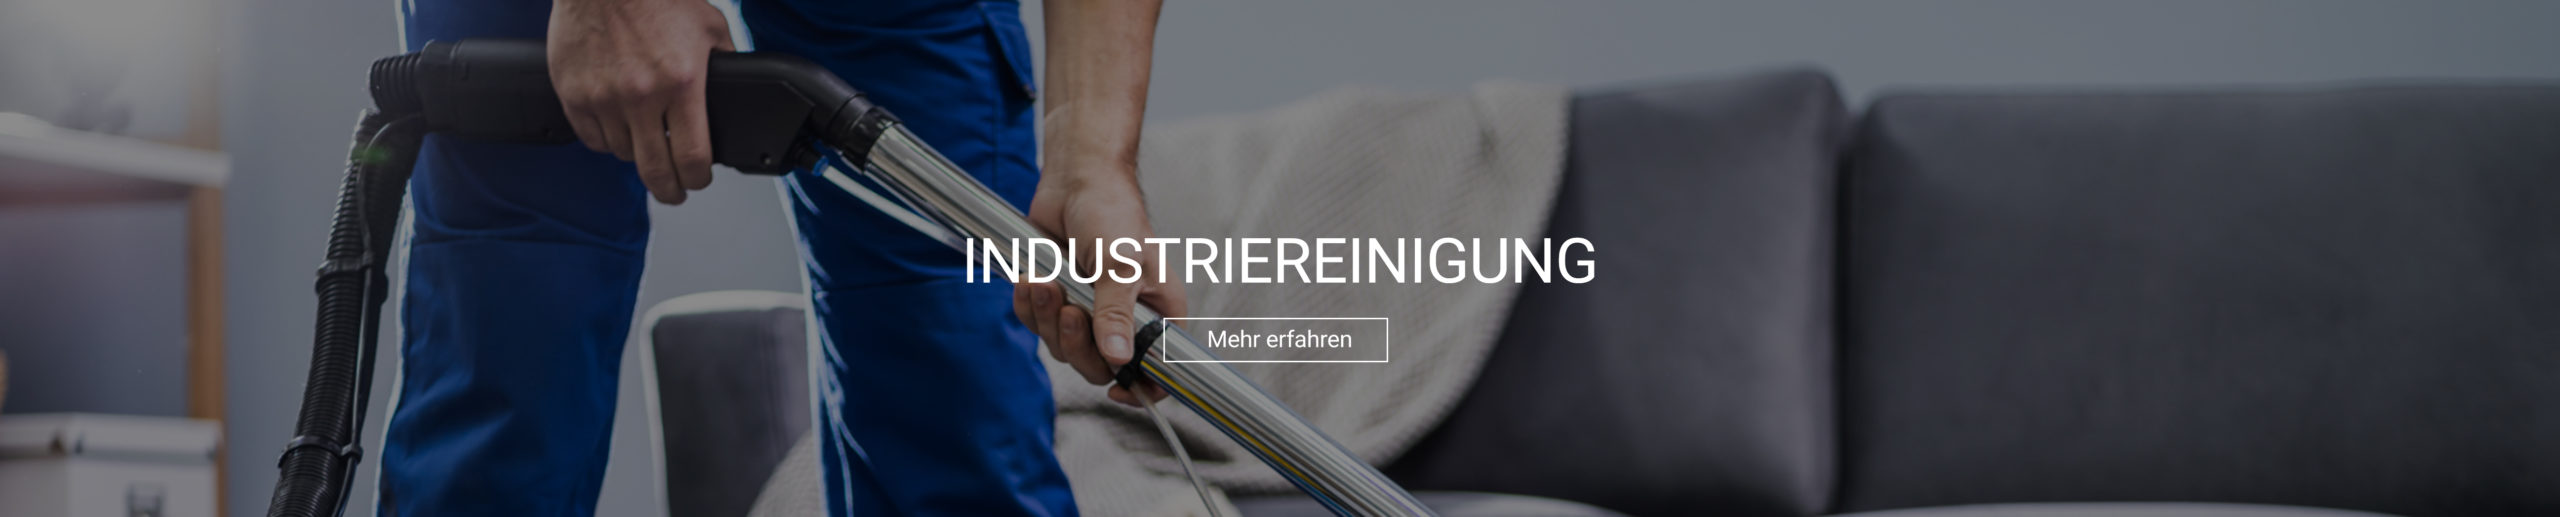 banner_industrie